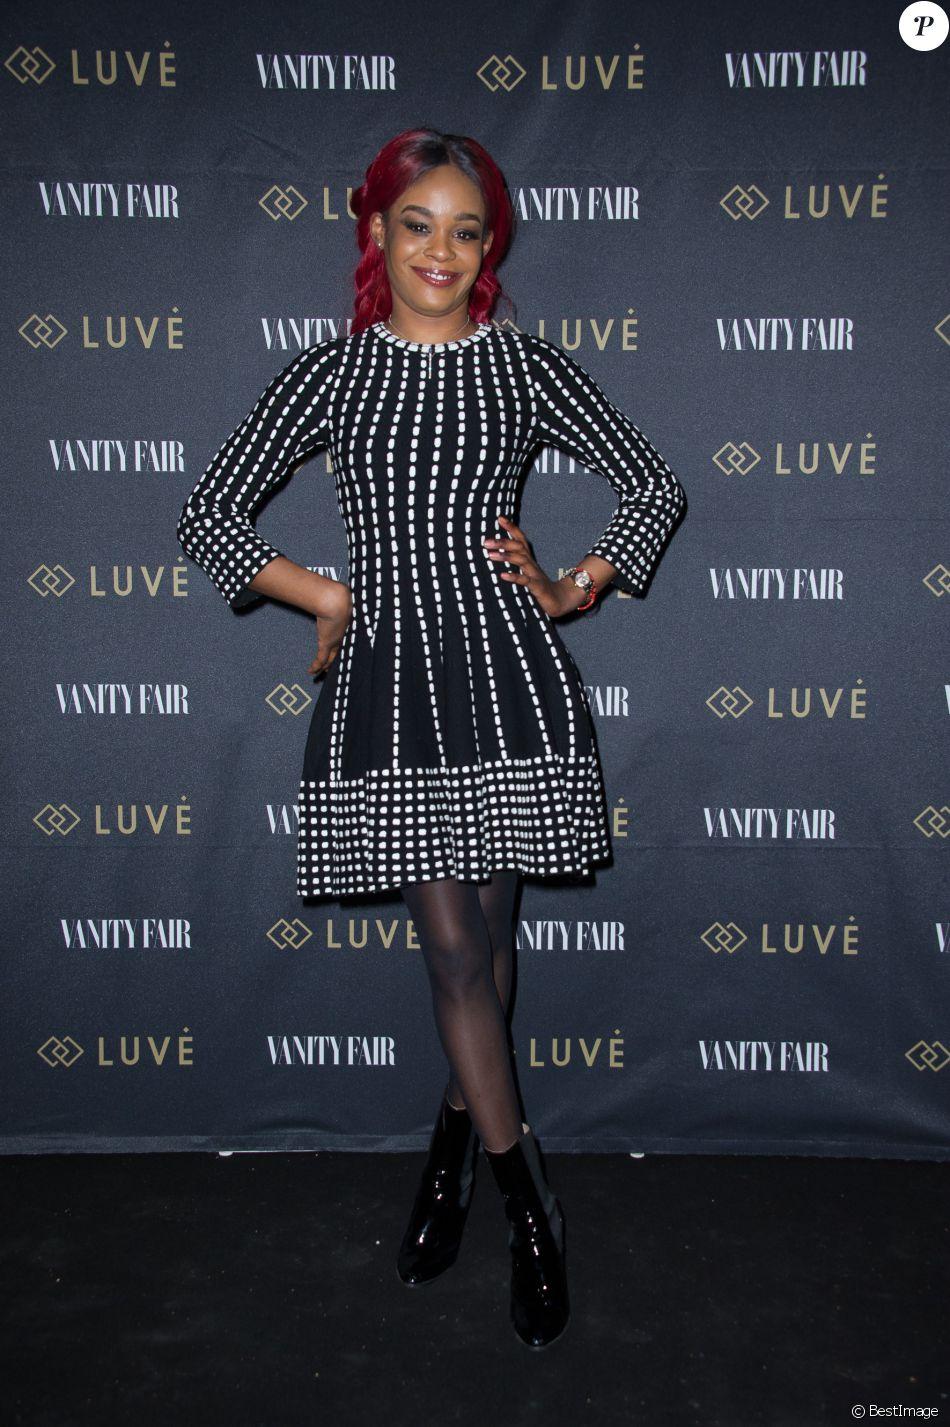 Azealia Banks à la Soirée Vanity Fair Luvè lors du 72ème Festival du Film de Venise, la Mostra. Le 7 septembre 2015